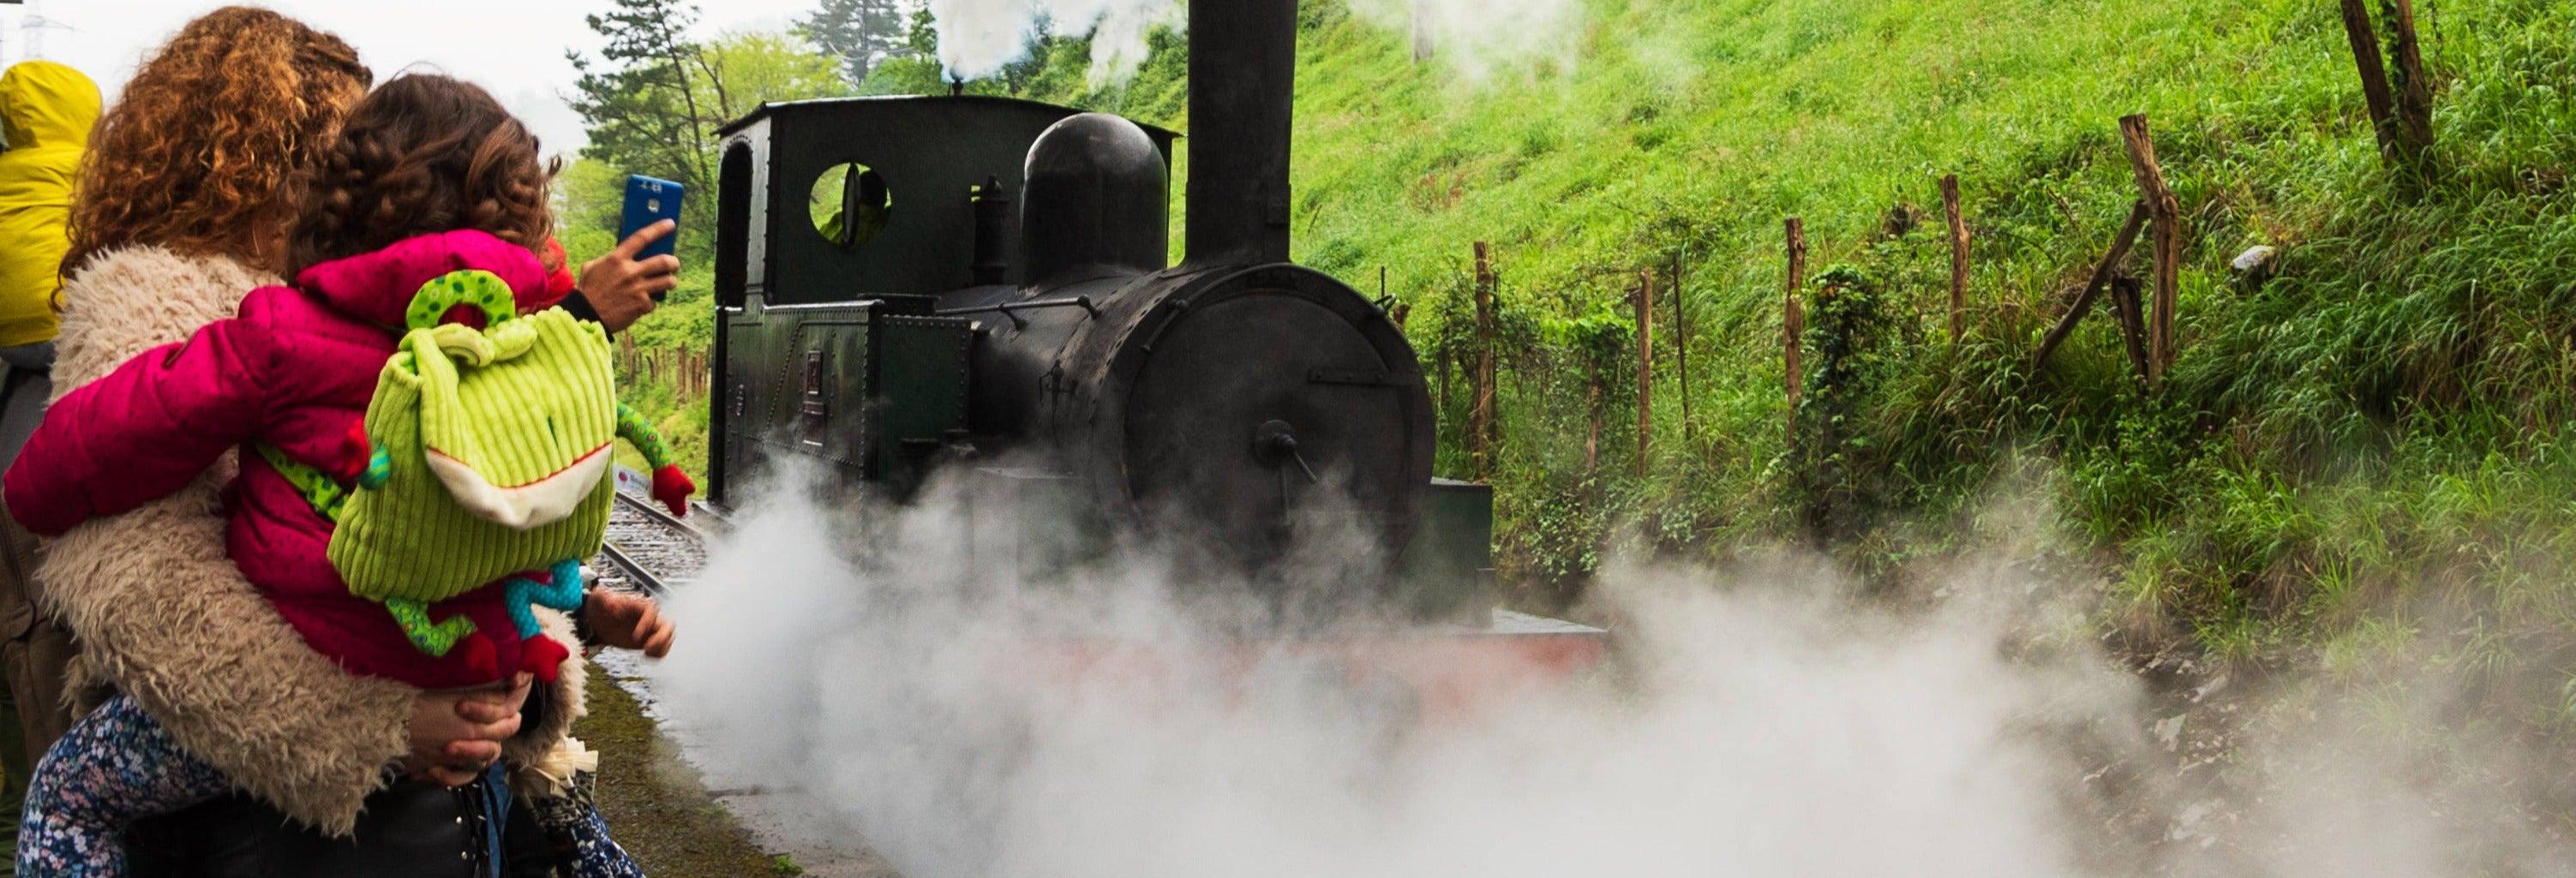 Visita guiada pelo Museu Basco do Trem